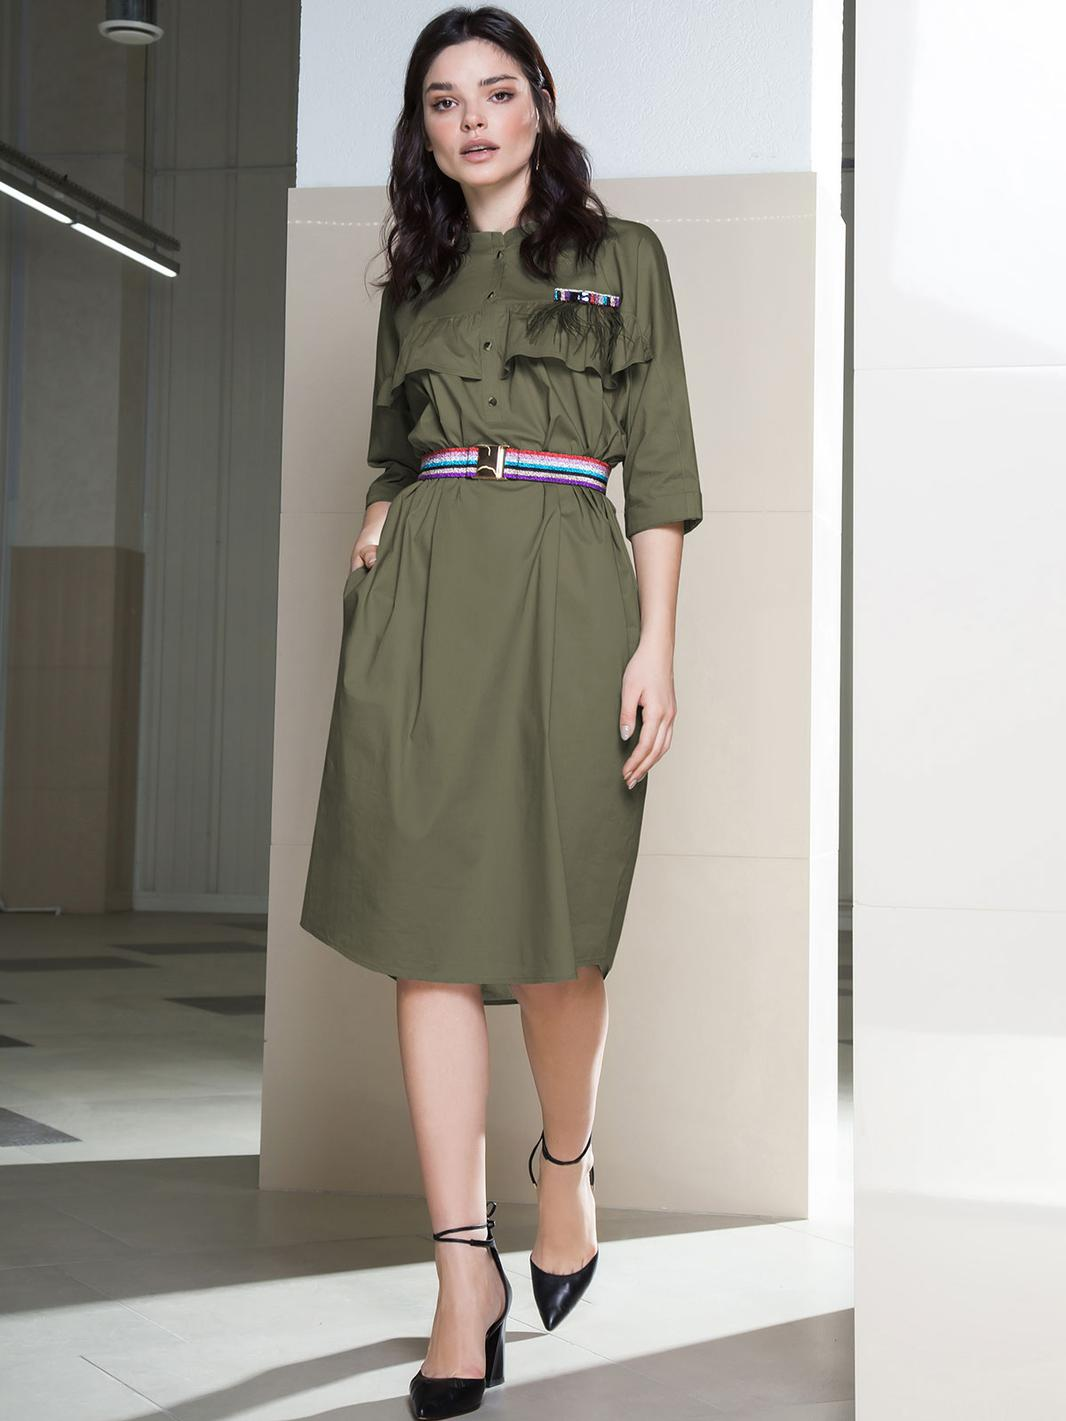 593ea27fd7a3 Купить платье в интернет-магазине в Минске. Белорусские женские платья